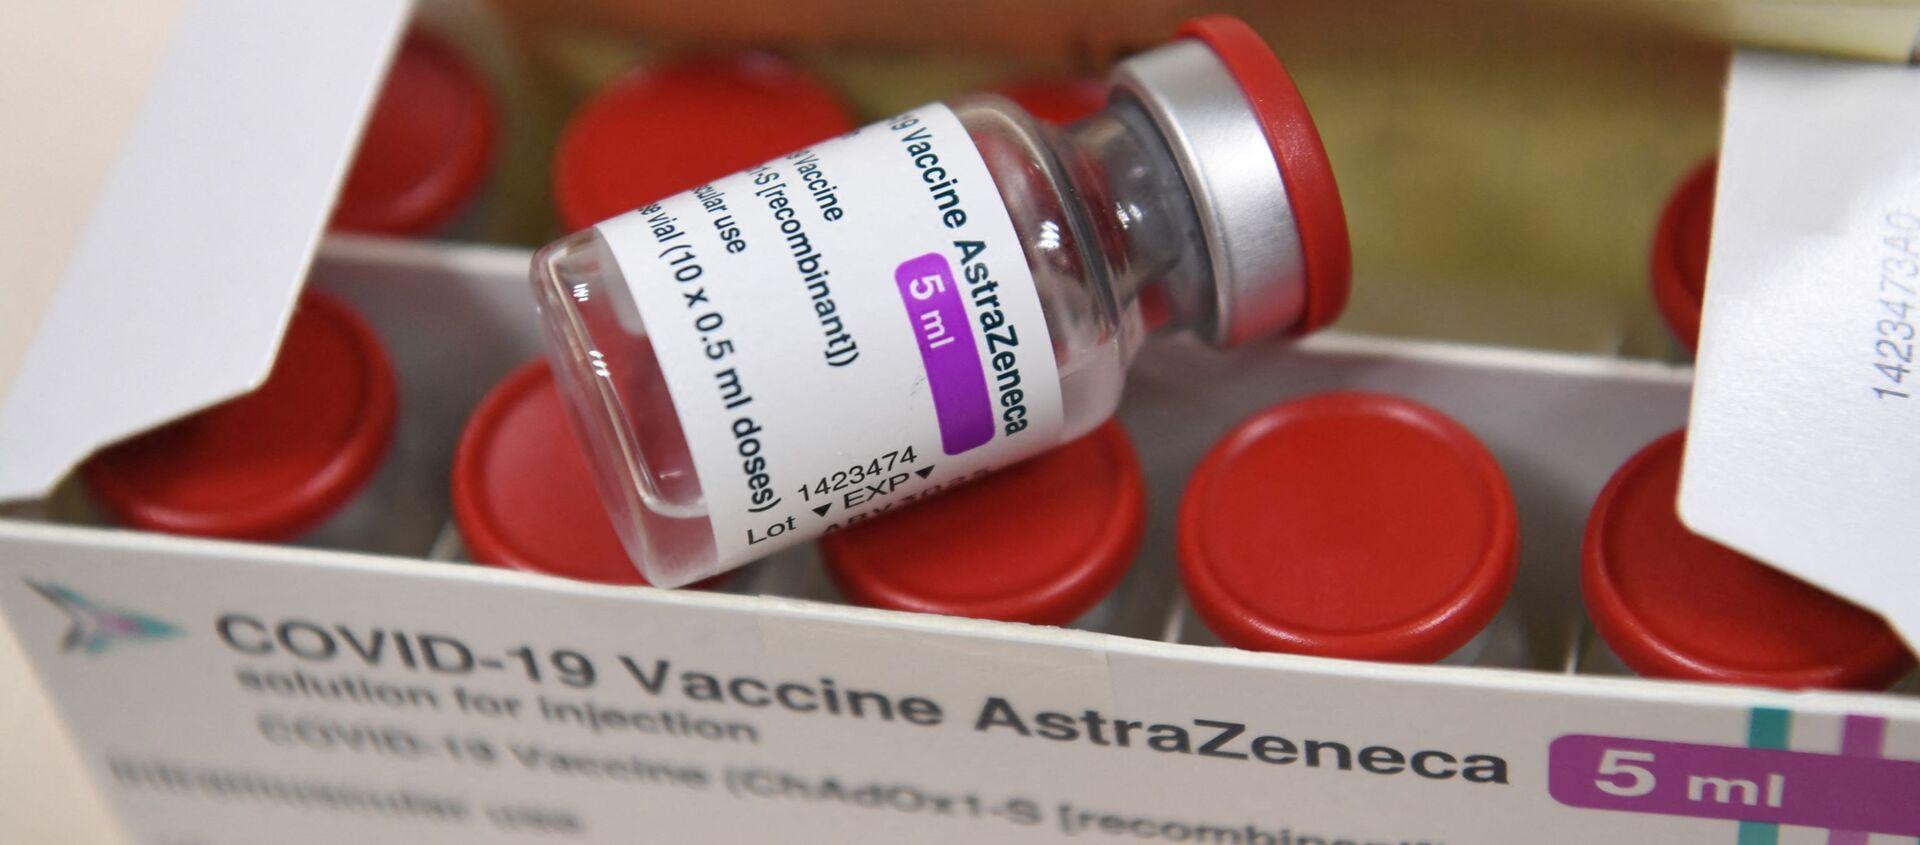 Вакцина от коронавируса AstraZeneca, фото из архива - Sputnik Азербайджан, 1920, 04.03.2021